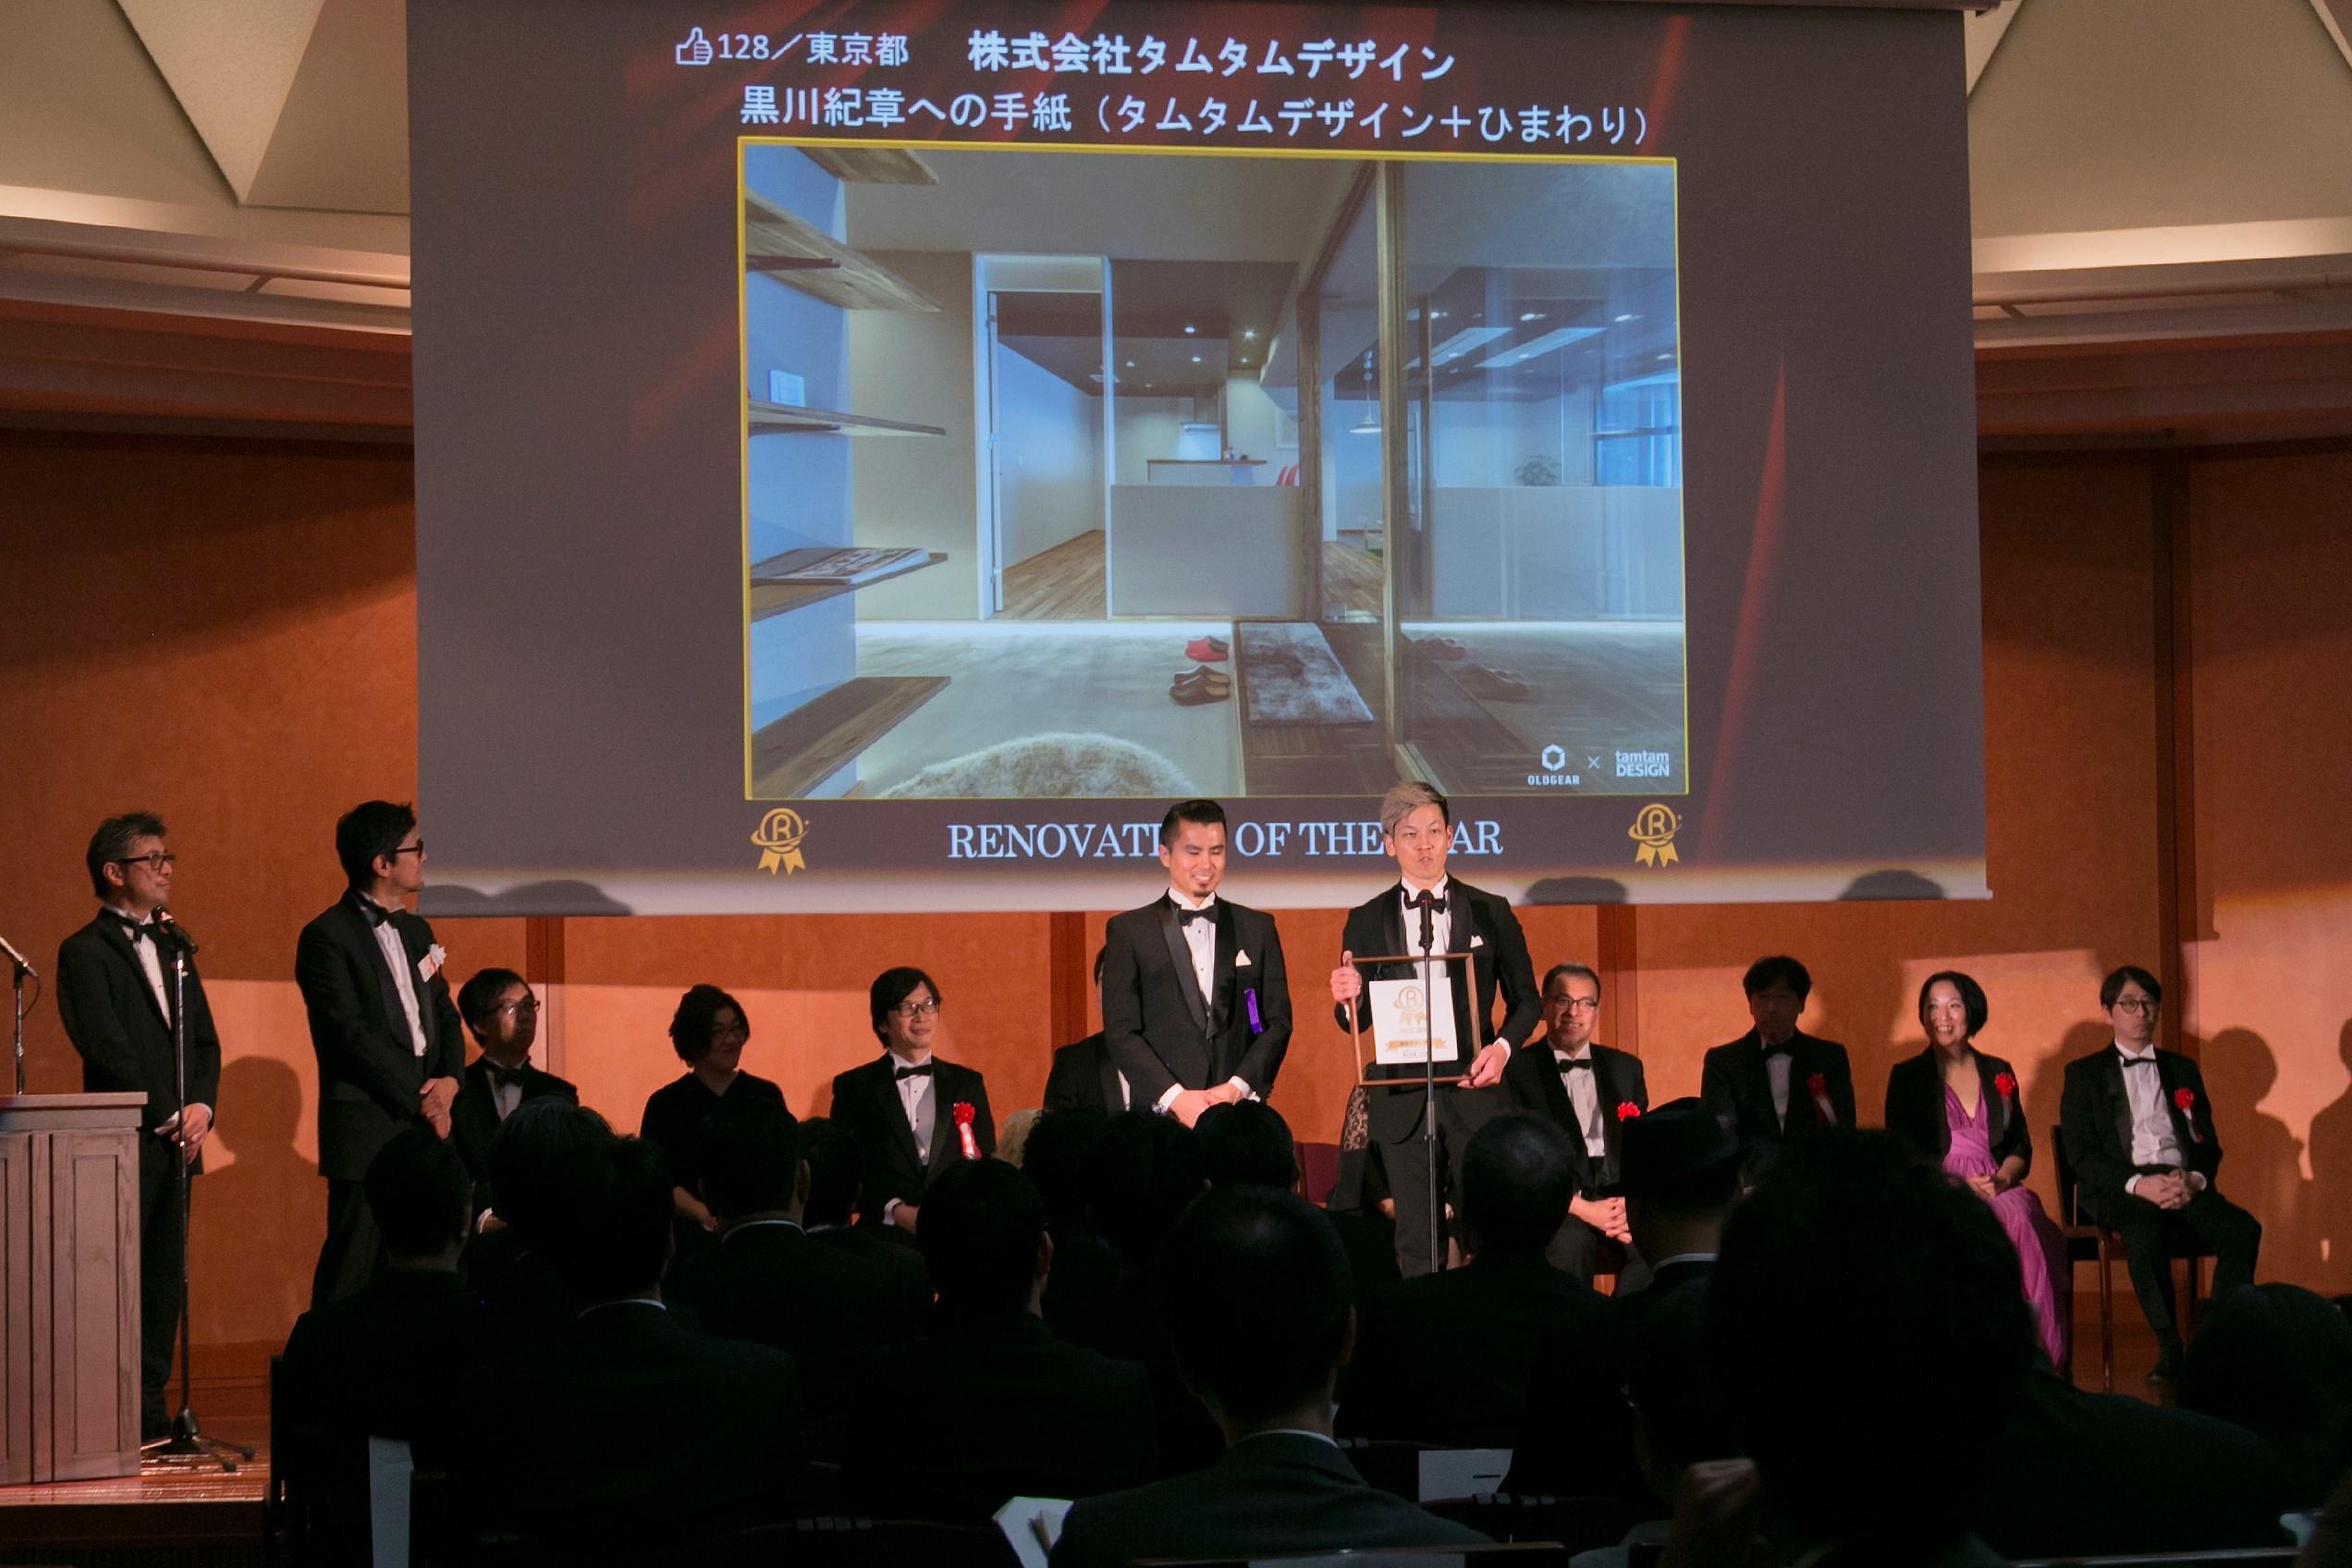 【12/12@東京】リノベーション・オブ・ザ・イヤー2019授賞式・講評会、望年会開催について